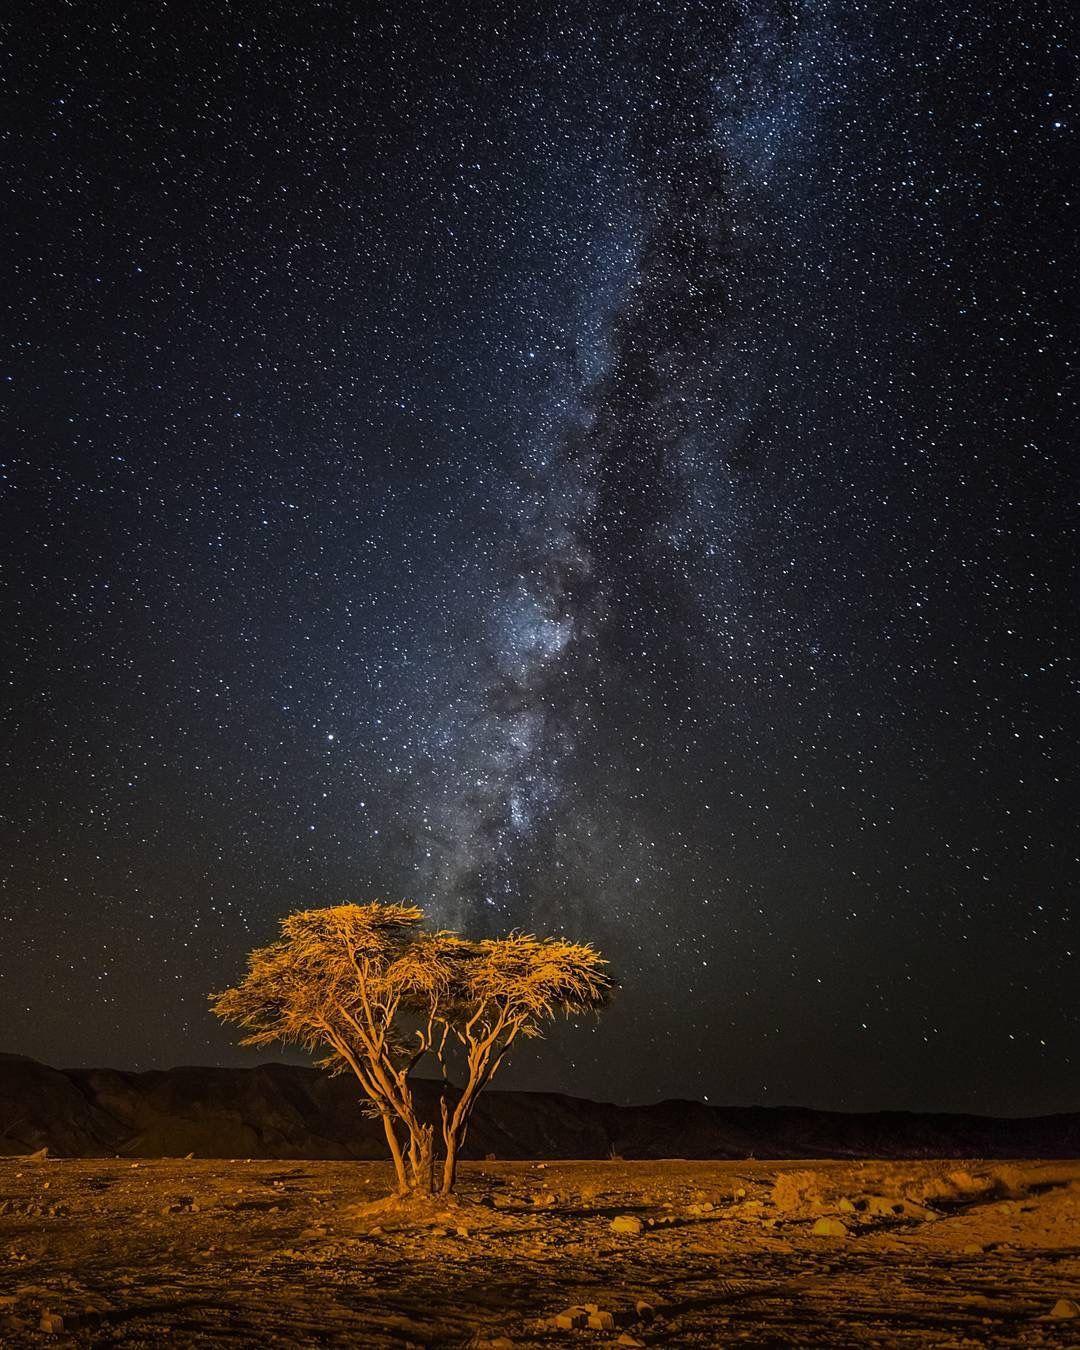 上图:一棵南地旷野中的皂荚树在银河的笼罩之下。人就像这棵皂荚树,「神注目观看人的道路,看明人的脚步。没有黑暗、阴翳能给作孽的藏身。」(伯三十四21-22)